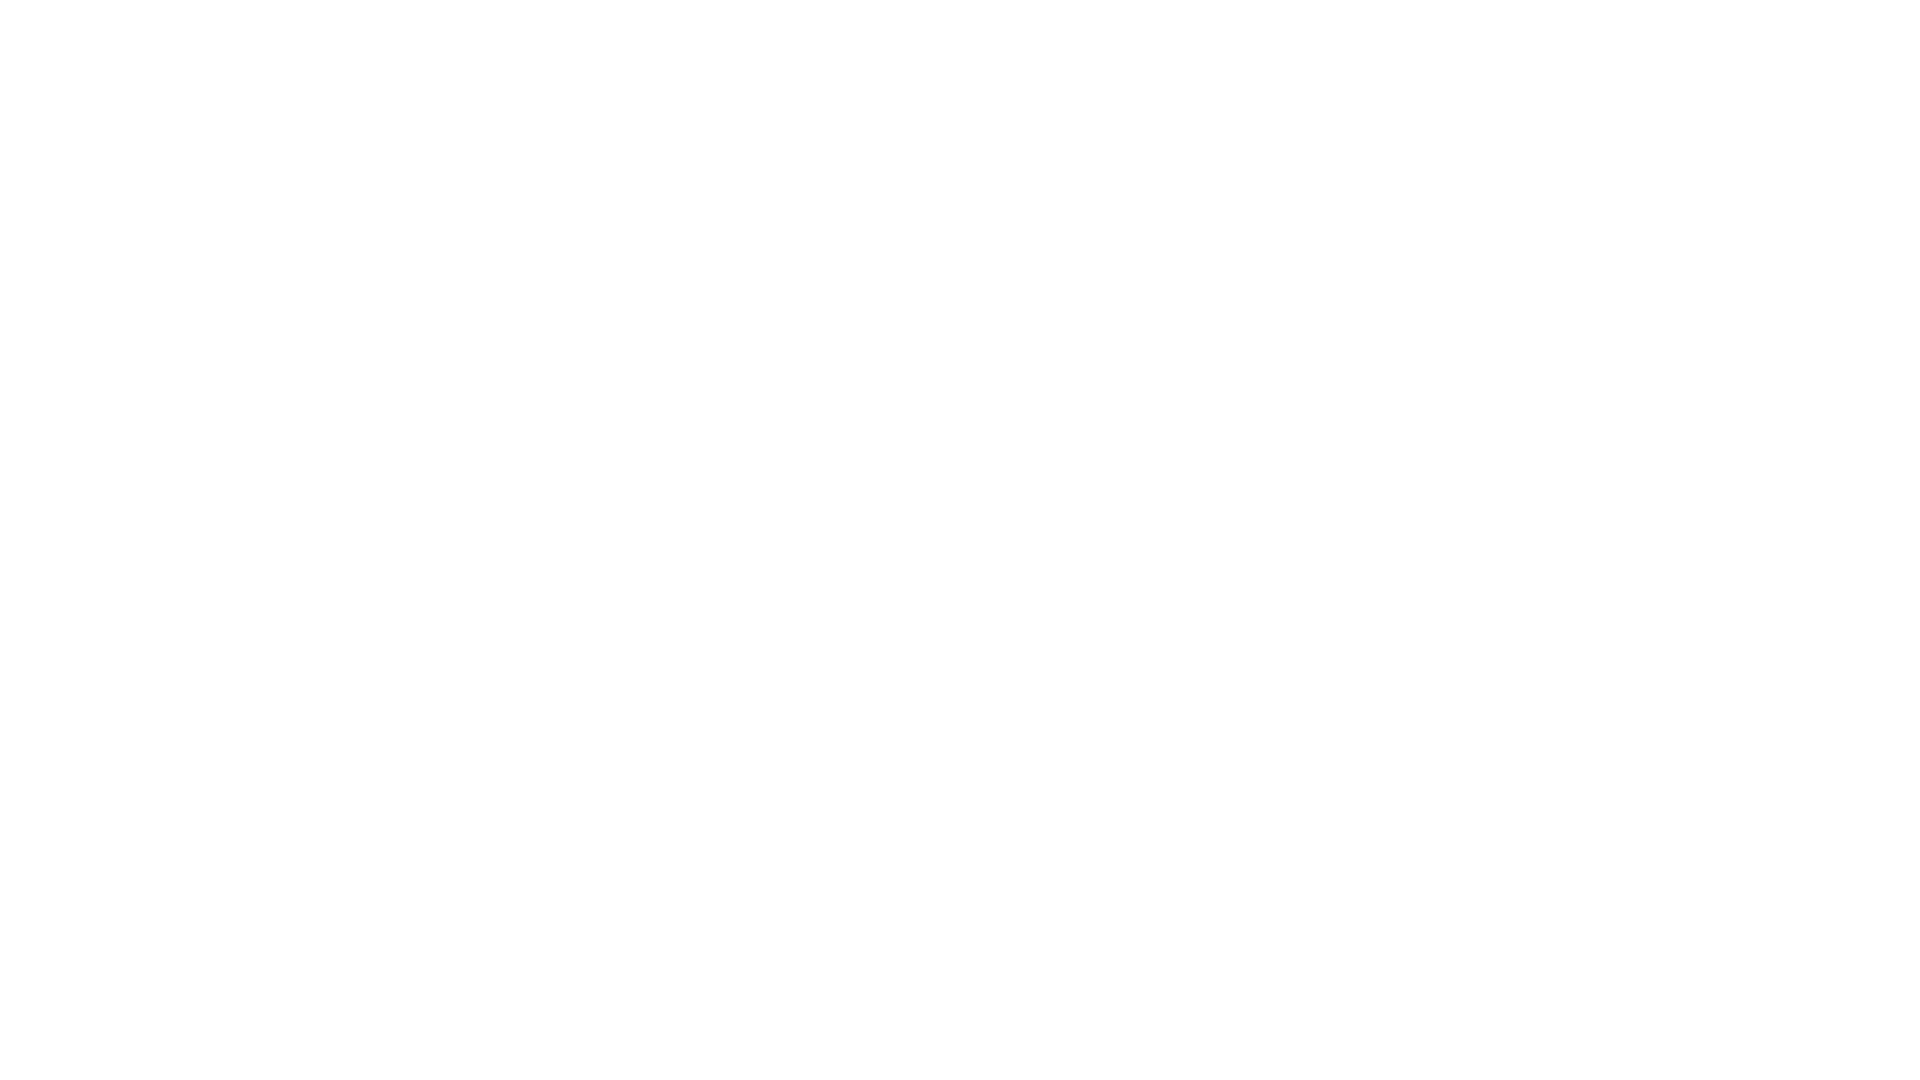 ※100個限定販売 至高下半身盗撮 プレミアム Vol.24 ハイビジョン 盗撮  102枚 96